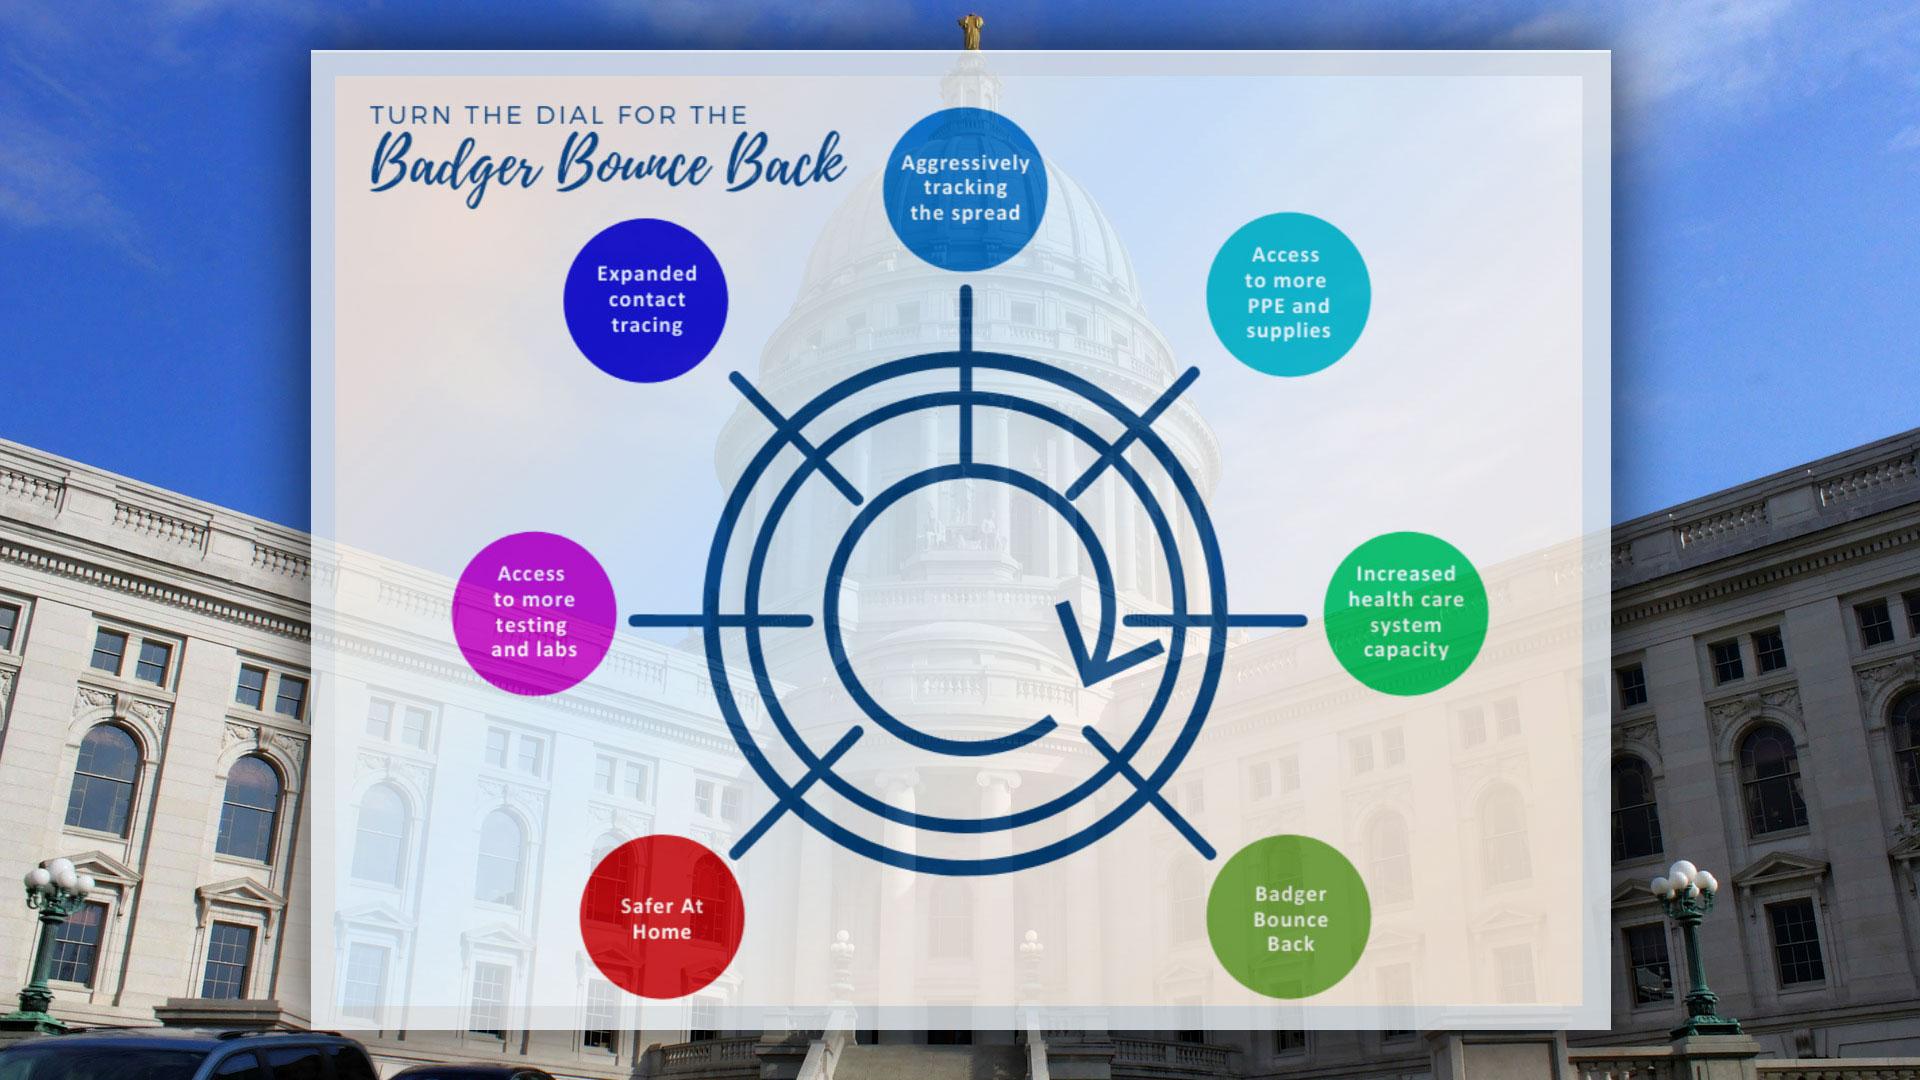 Badger Bounce Back plan